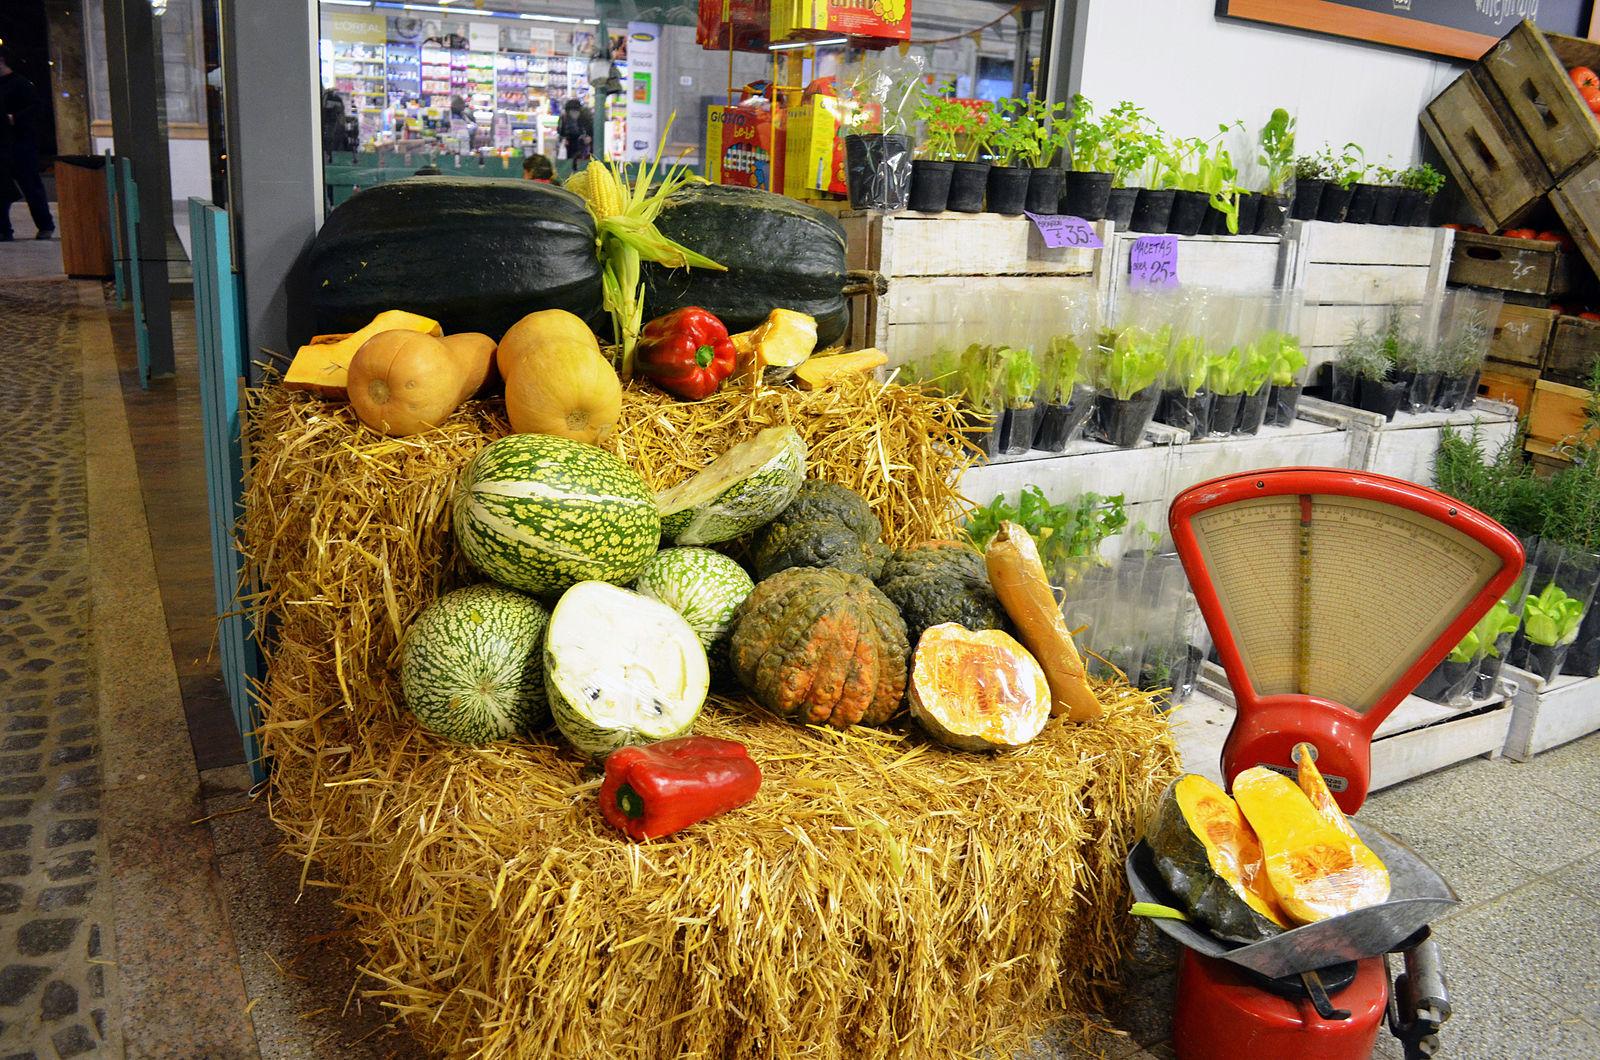 Cinco frutas y verduras al día es suficiente, pero no es siempre es lo mejor